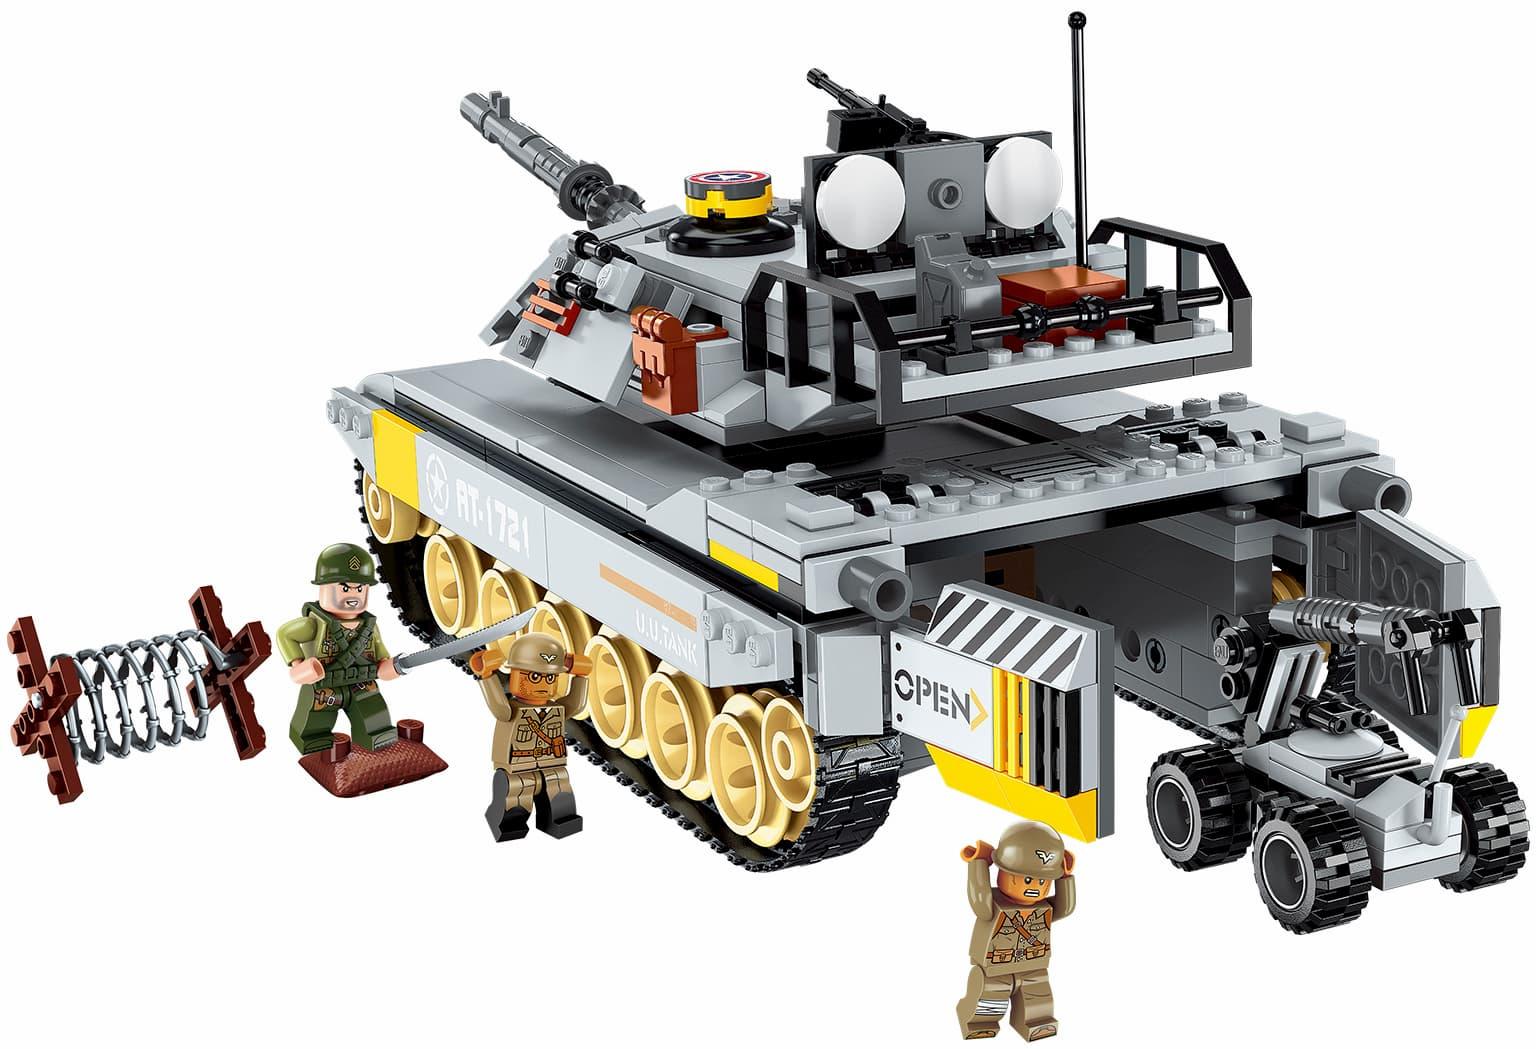 Конструктор Qman «Боевой танк-амфибия Повелитель» 1721 Combat Zones Fire / 482 детали